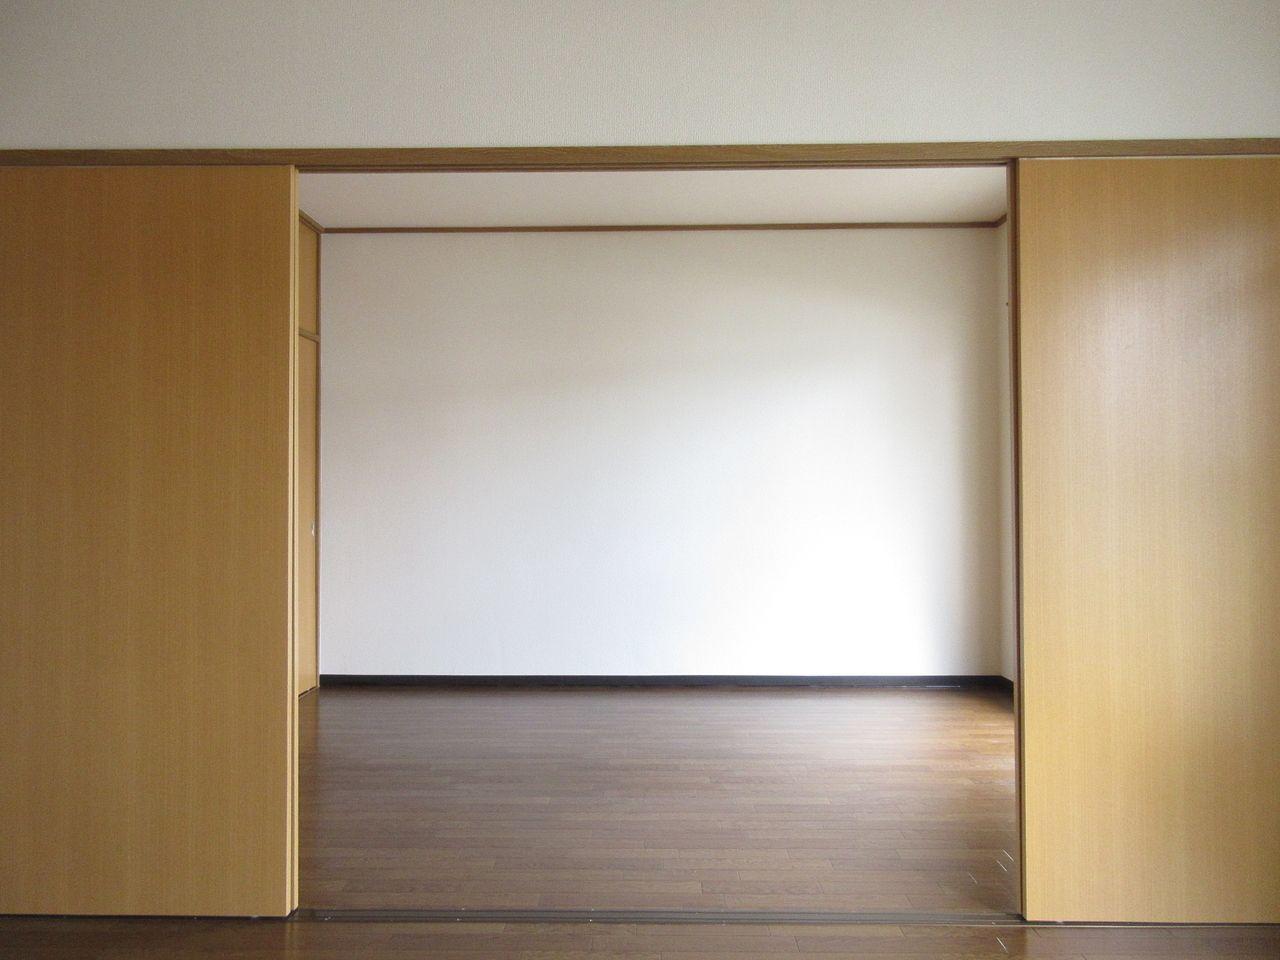 みなさまこんにちは。【前回のブログ】では間取りついて説明しました。今日は手を加えようとしている部屋の状態がどんな感じなのかを紹介していきます。